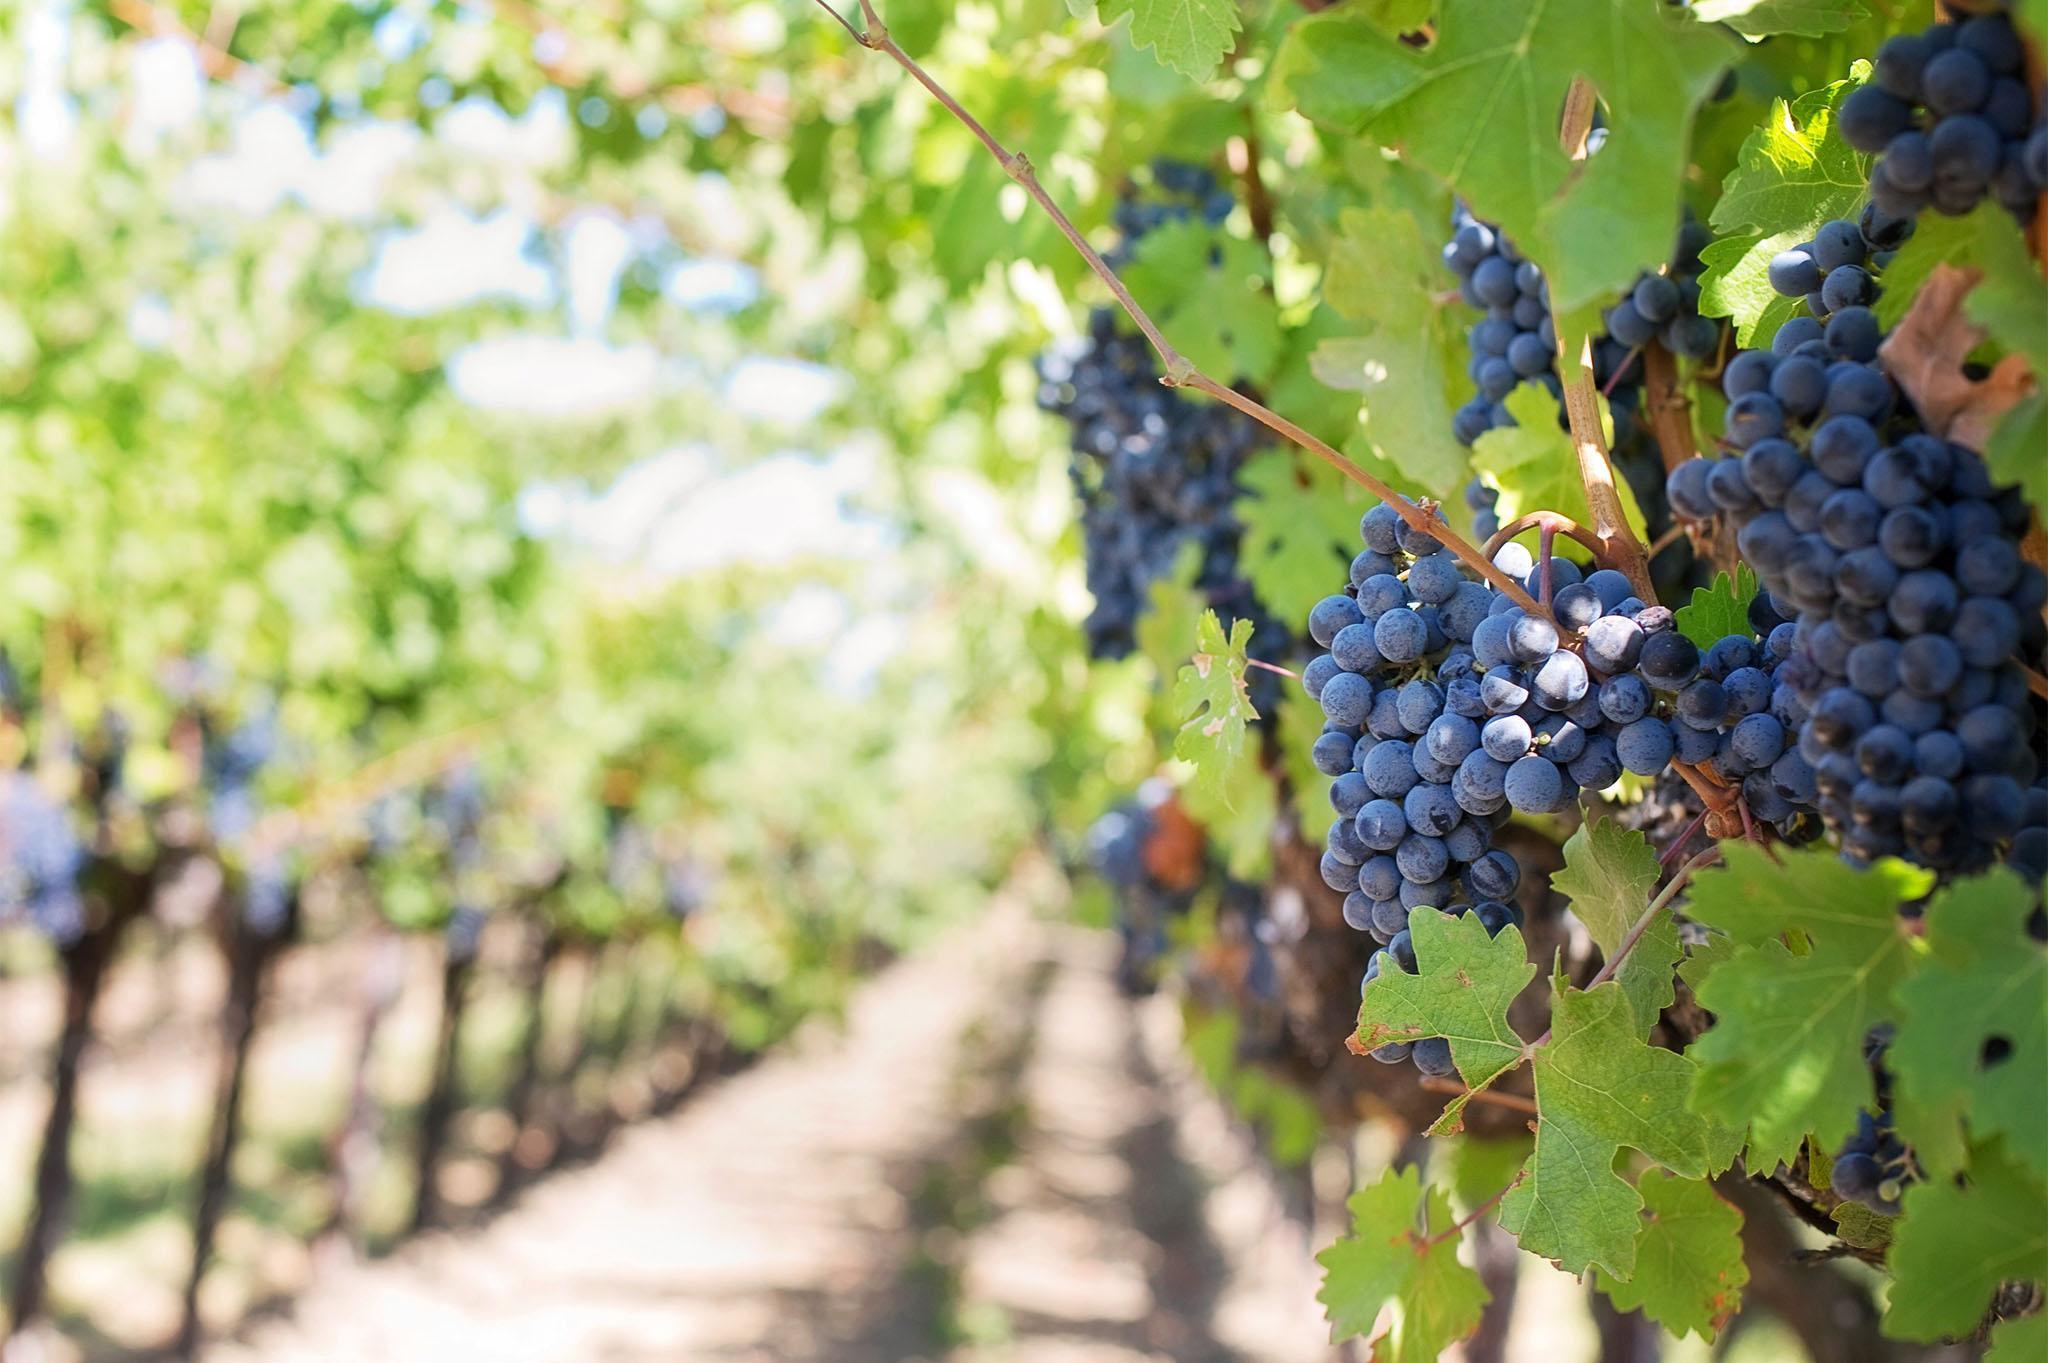 Vignoble à vendre italie, propriétés viticoles vente, Sotheby's Italy - sothebys.photo 1